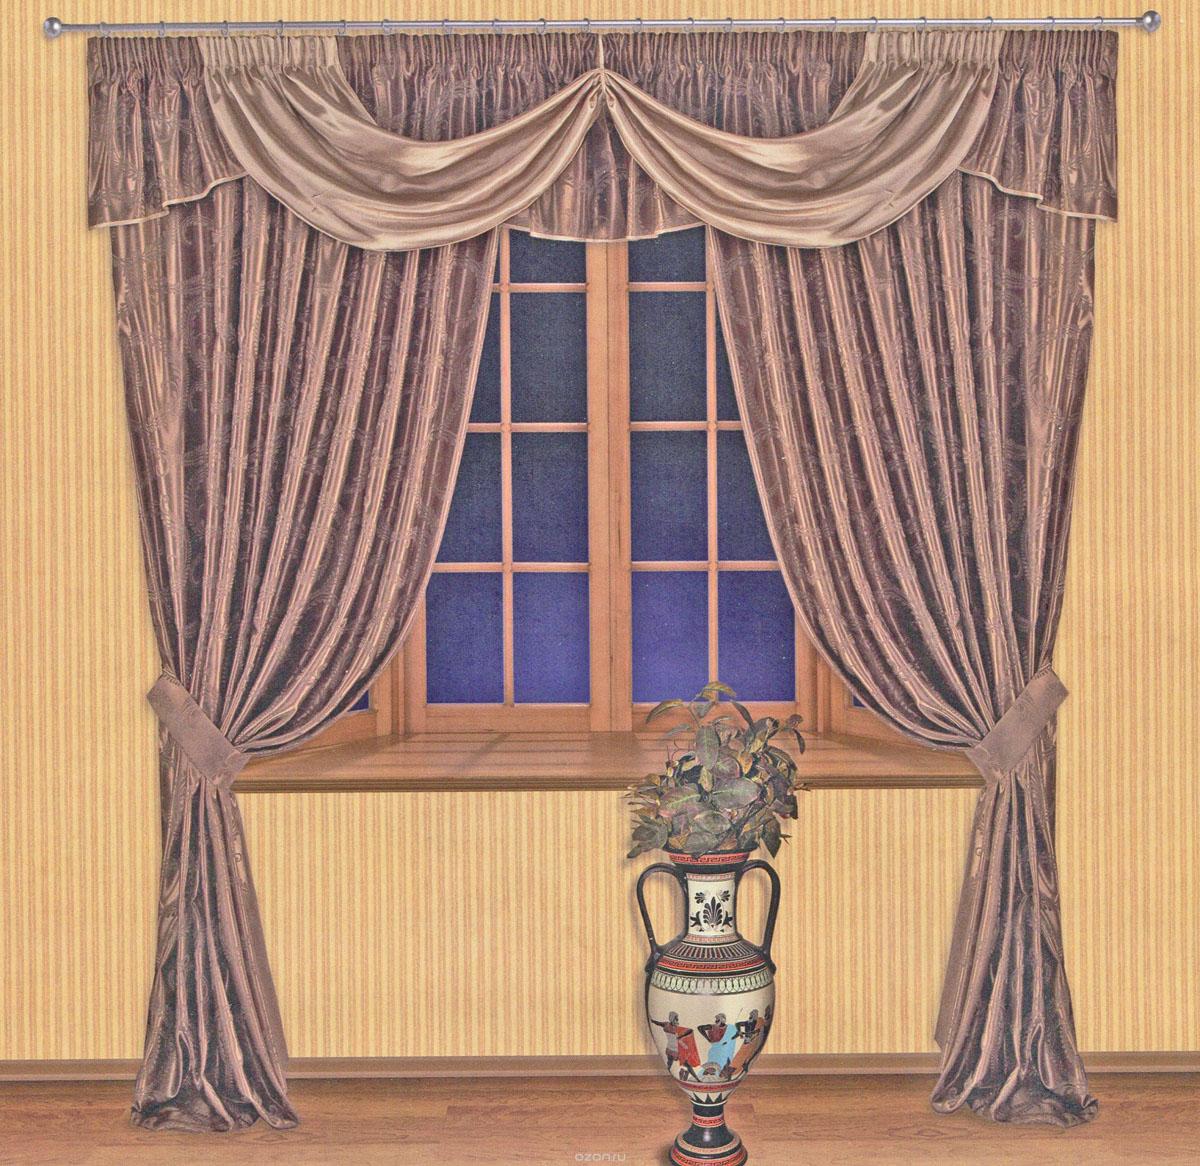 Комплект штор Zlata Korunka, на ленте, цвет: шоколадный, высота 250 см. 5551155511Роскошный комплект штор Zlata Korunka, выполненный из ткани шанзализе, сатина и жаккарда (100% полиэстера), великолепно украсит любое окно. Комплект состоит из двух портьер, ламбрекена и двух подхватов. Плотная ткань, оригинальный орнамент и приятная, приглушенная гамма привлекут к себе внимание и органично впишутся в интерьер помещения. Комплект крепится на карниз при помощи шторной ленты, которая поможет красиво и равномерно задрапировать верх. Портьеры можно зафиксировать в одном положении с помощью двух подхватов. Этот комплект будет долгое время радовать вас и вашу семью! В комплект входит: Портьера: 2 шт. Размер (ШхВ): 200 см х 250 см. Ламбрекен: 1 шт. Размер (ШхВ): 450 см х 50 см. Подхват: 2 шт. Размер (ШхВ): 60 см х 10 см.